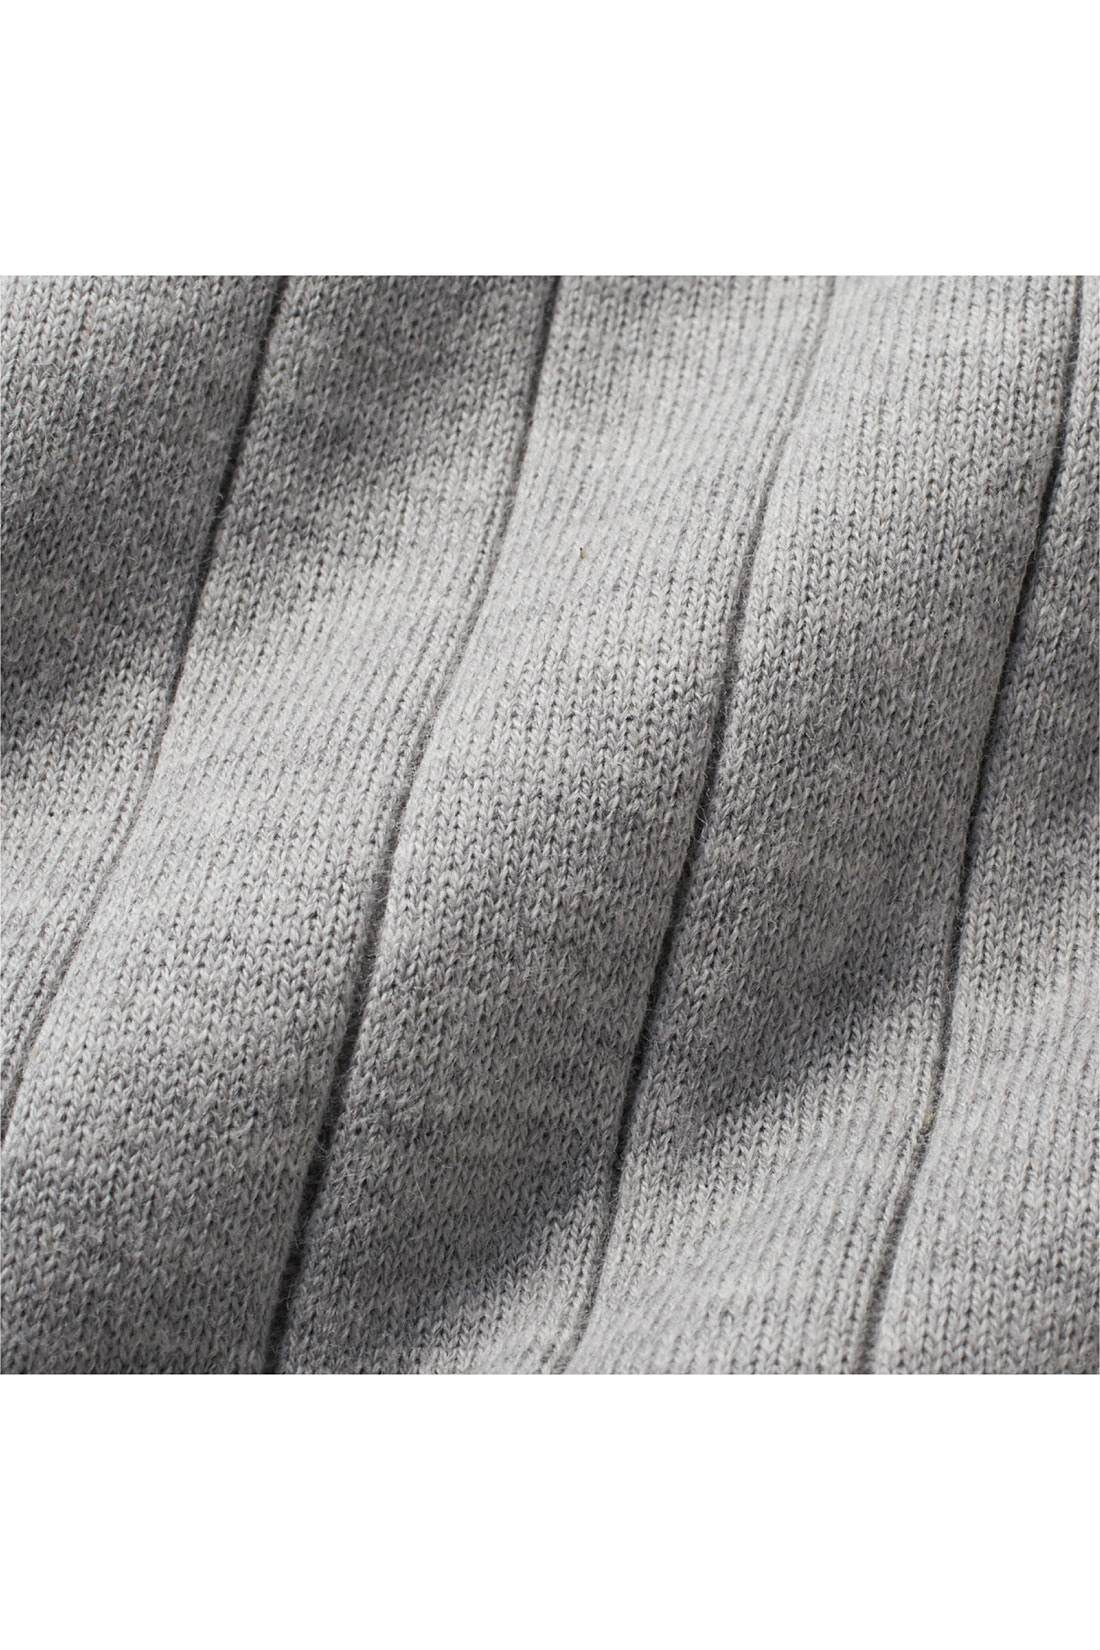 ポリエステル混の綿素材で、ほどよい厚みと張りがあるワイドリブは、からだのラインを拾いにくいです。※お届けするカラーとは異なります。